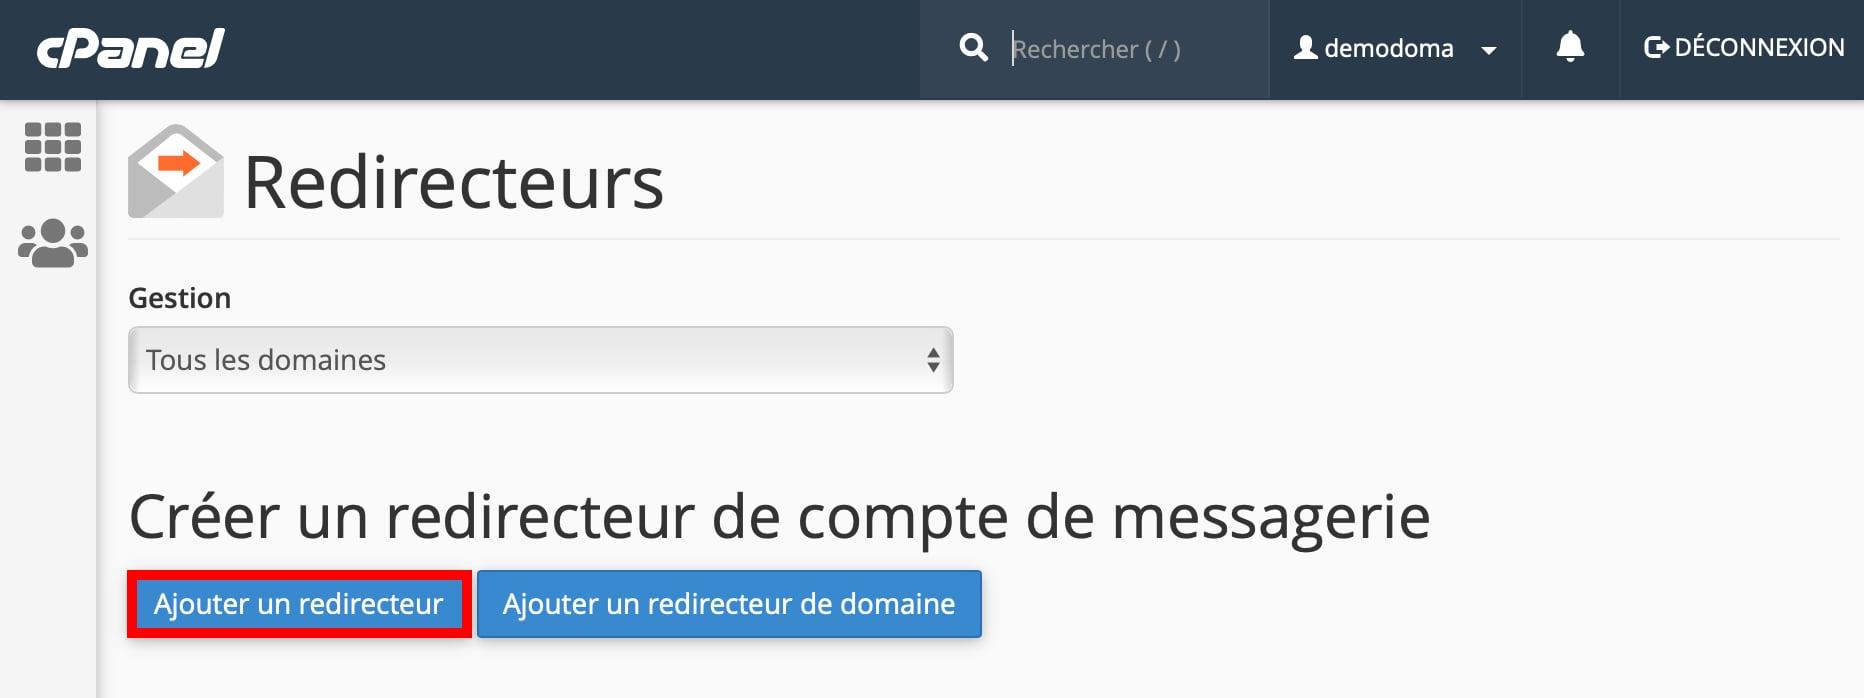 Ajouter un redirecteur emailcPanel